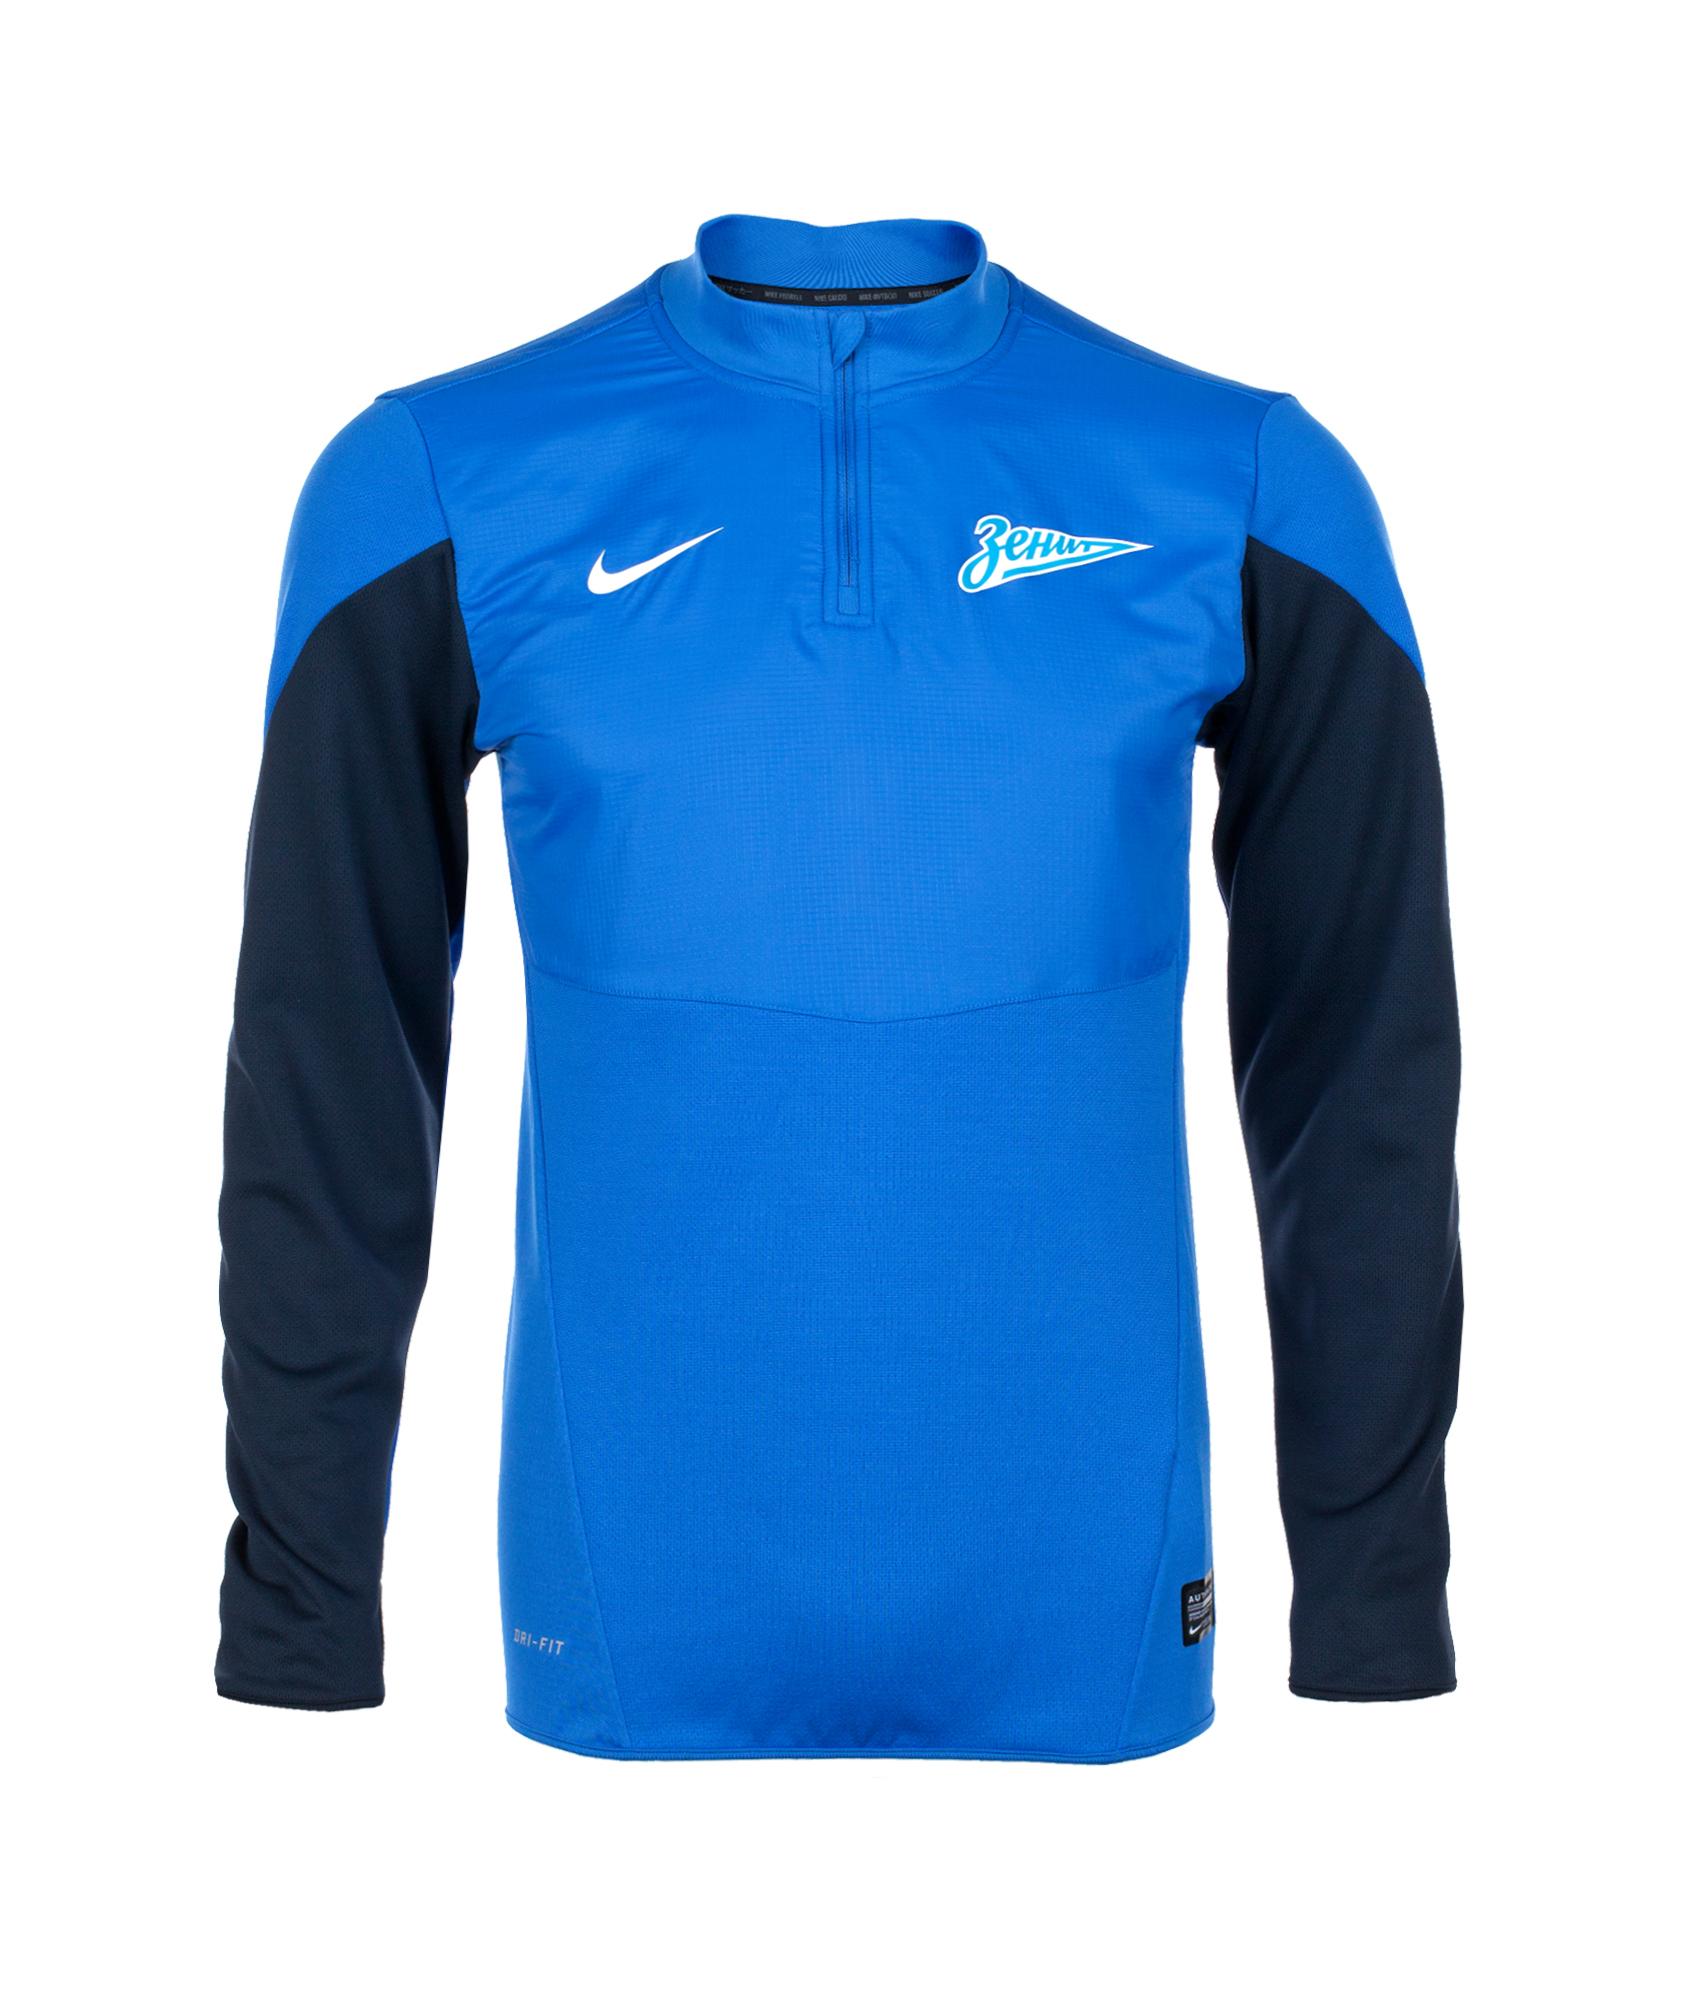 Джемпер тренировочный Nike Zenit Select LS Midlayer, Цвет-Синий, Размер-L